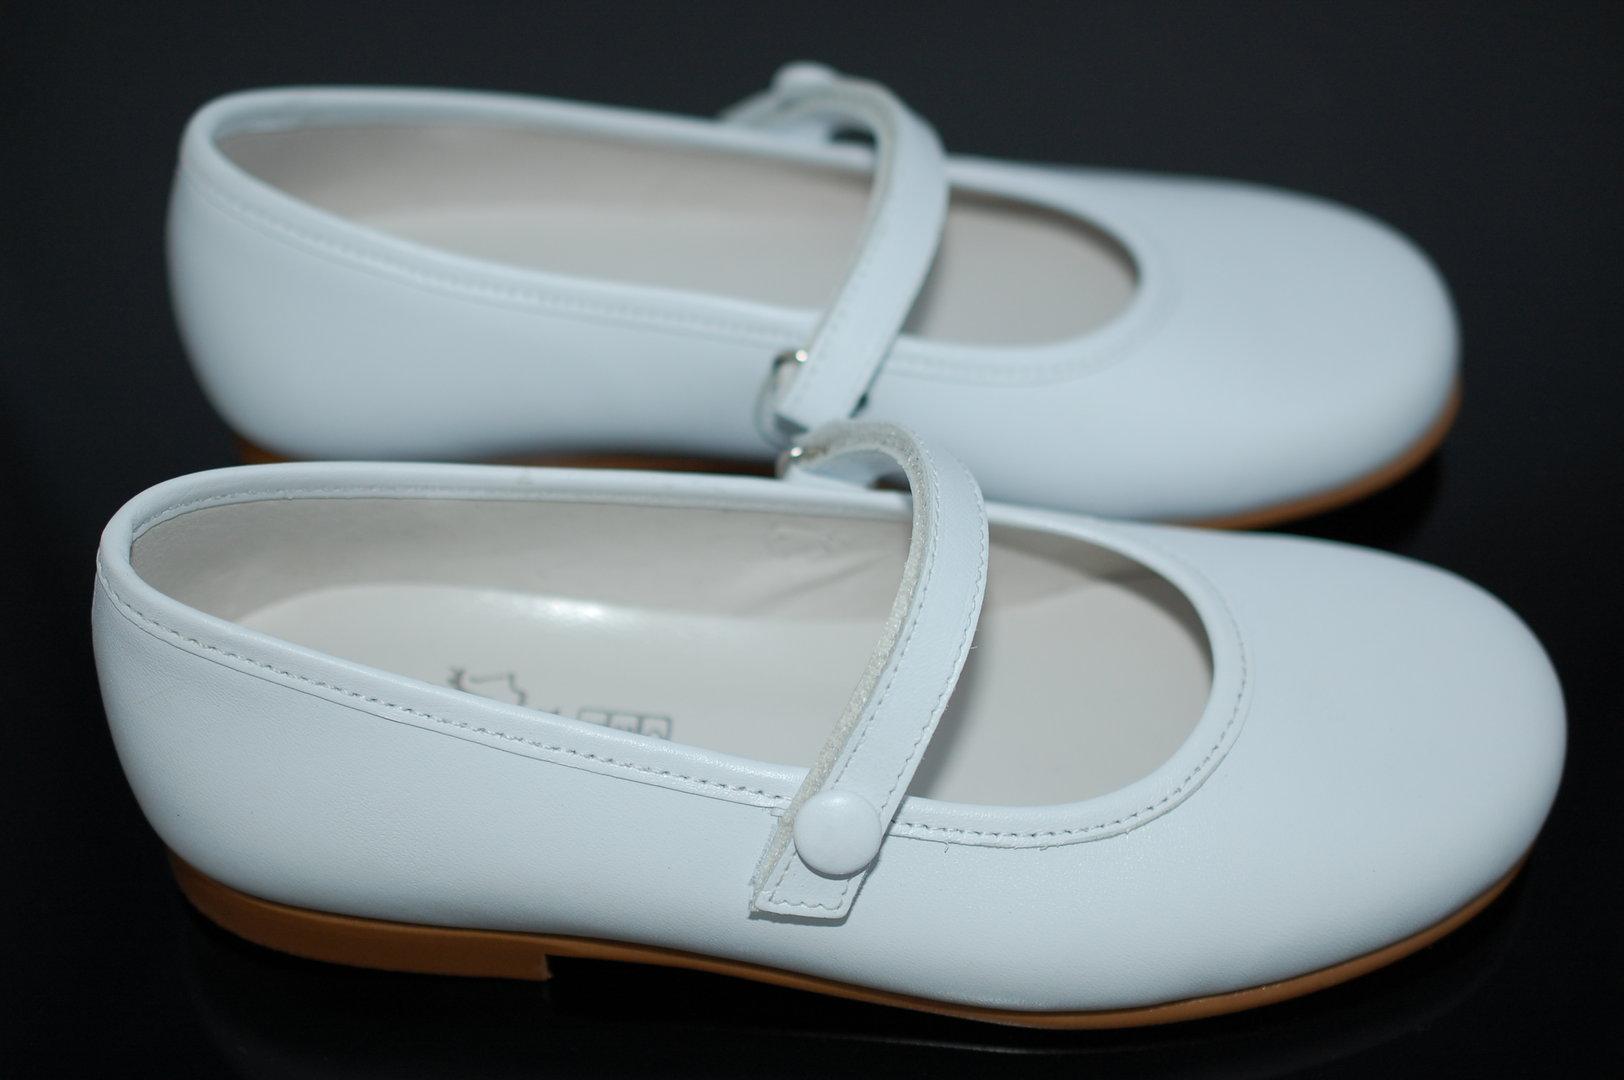 wholesale dealer 9fa6c f7107 BPardo Mädchenhafte Spangen-Ballerina in weiß, nur noch Gr ...